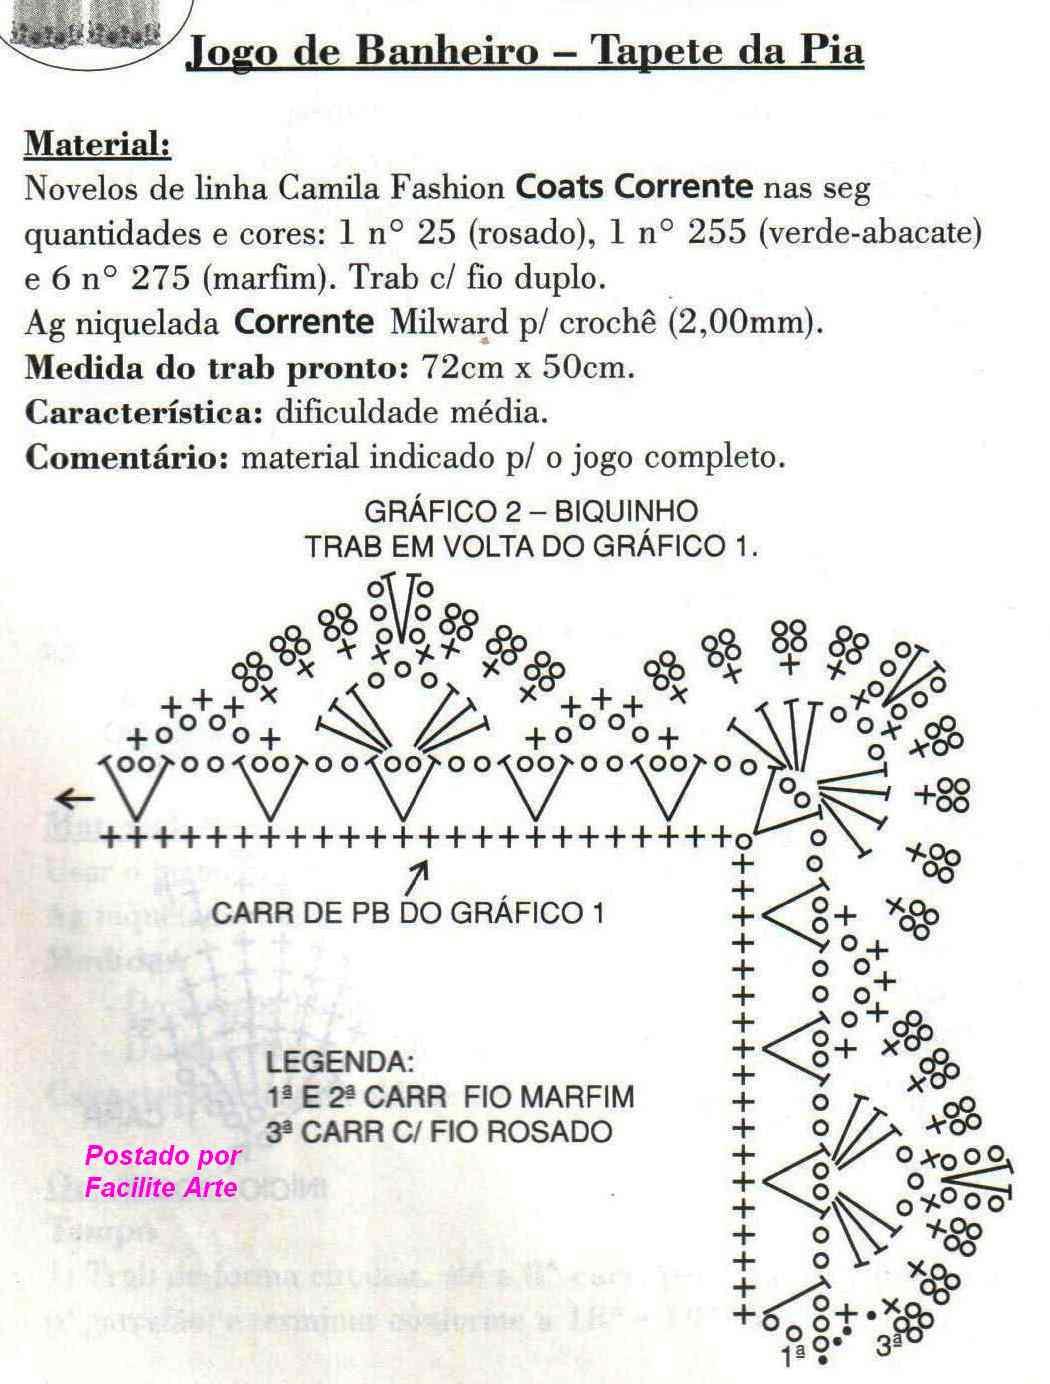 Facilite Sua Arte: Jogo de Banheiro 2 Tapete da Pia #B4179A 1050 1384